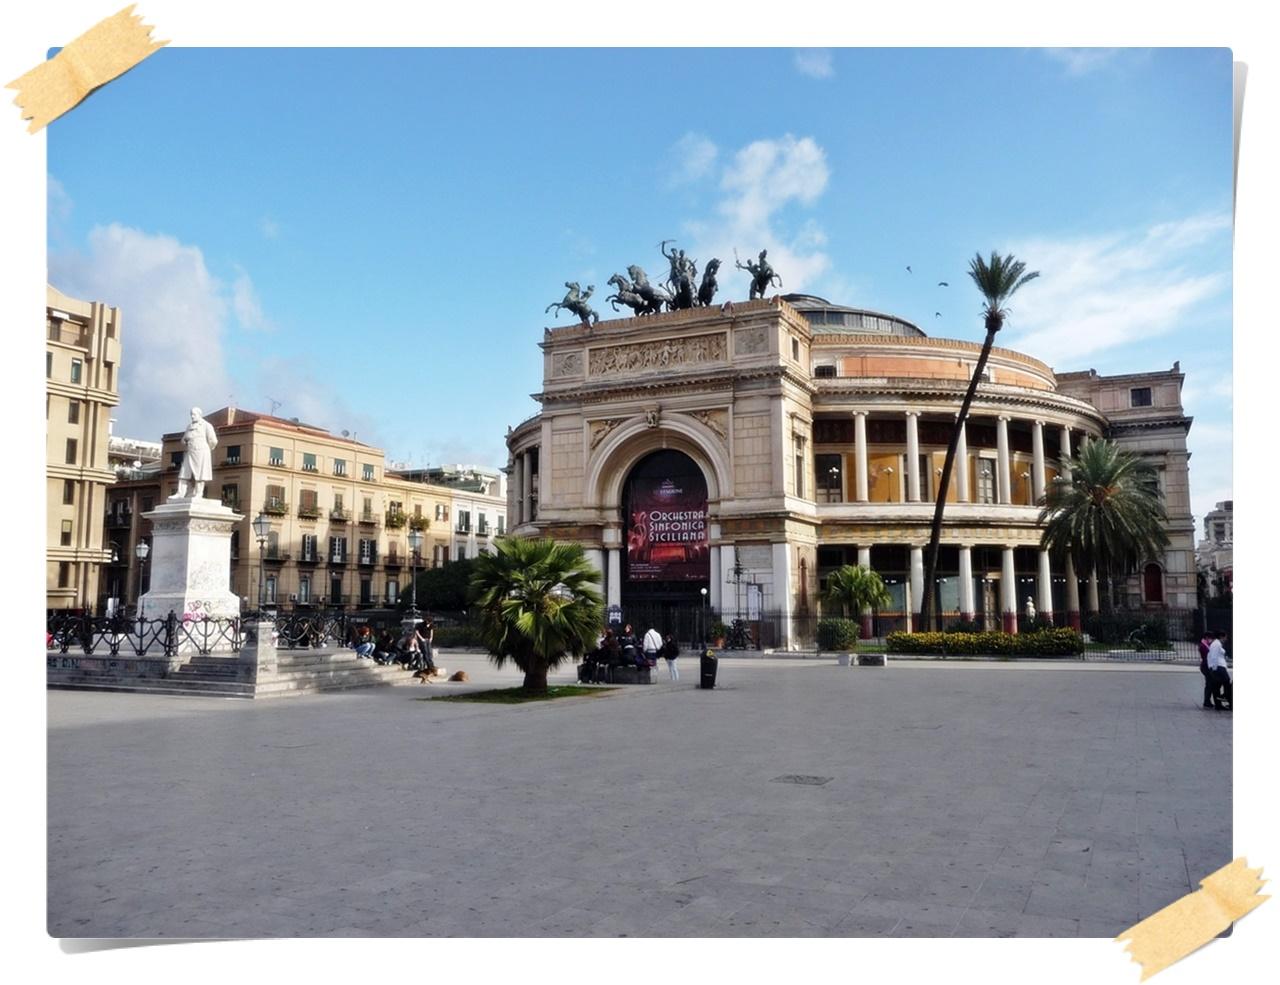 照片回顾 2009/11 意大利 day 4:西西里 巴勒莫